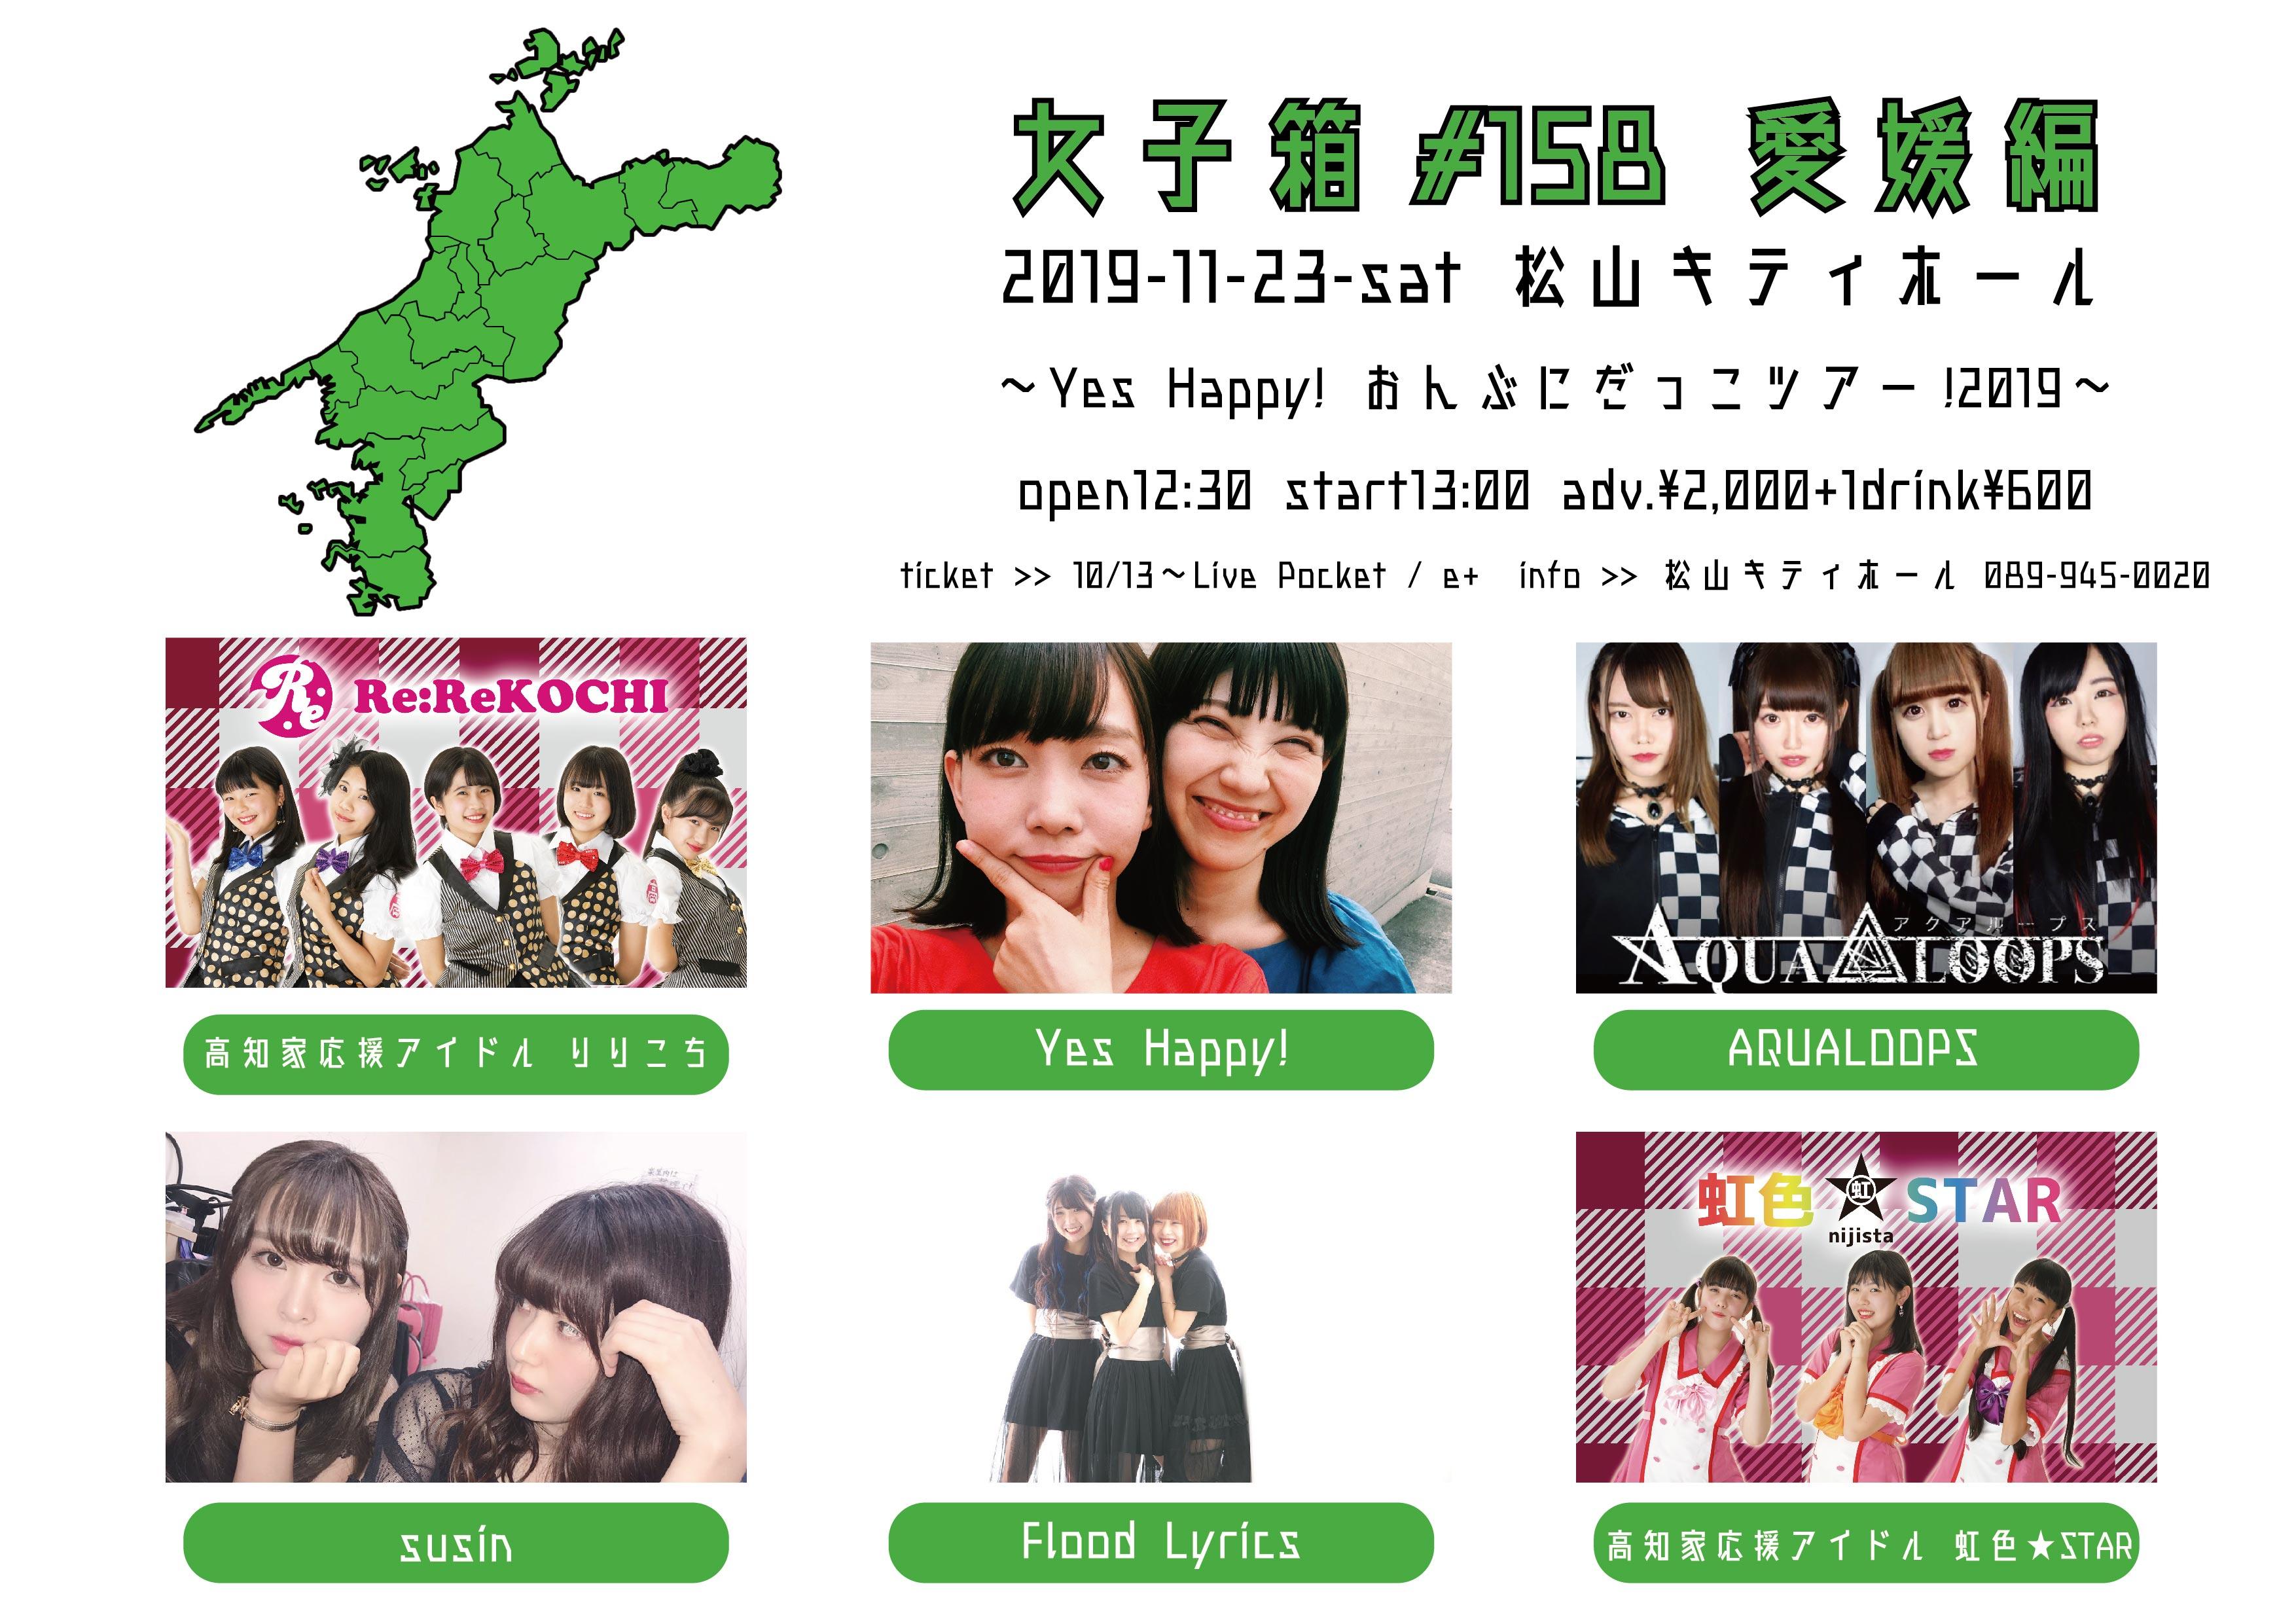 女子箱 #153 愛媛編 〜Yes Happy! おんぶにだっこツアー!2019〜